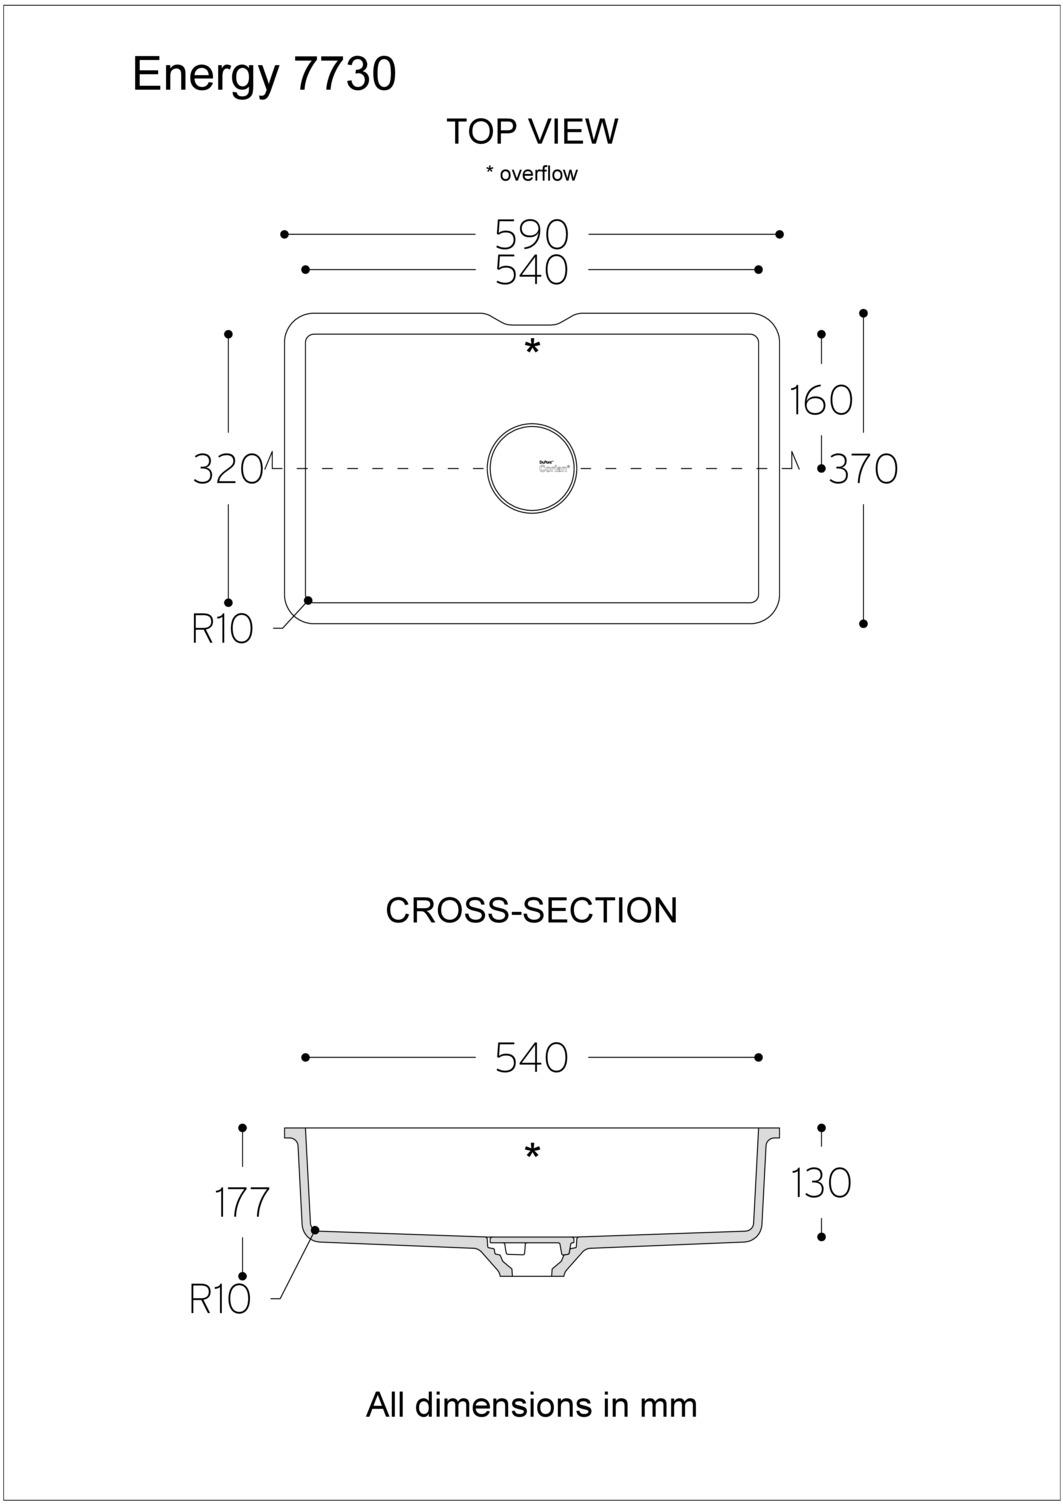 DUPONT_CORIAN_ENERGY7730_2D_PDF[0]